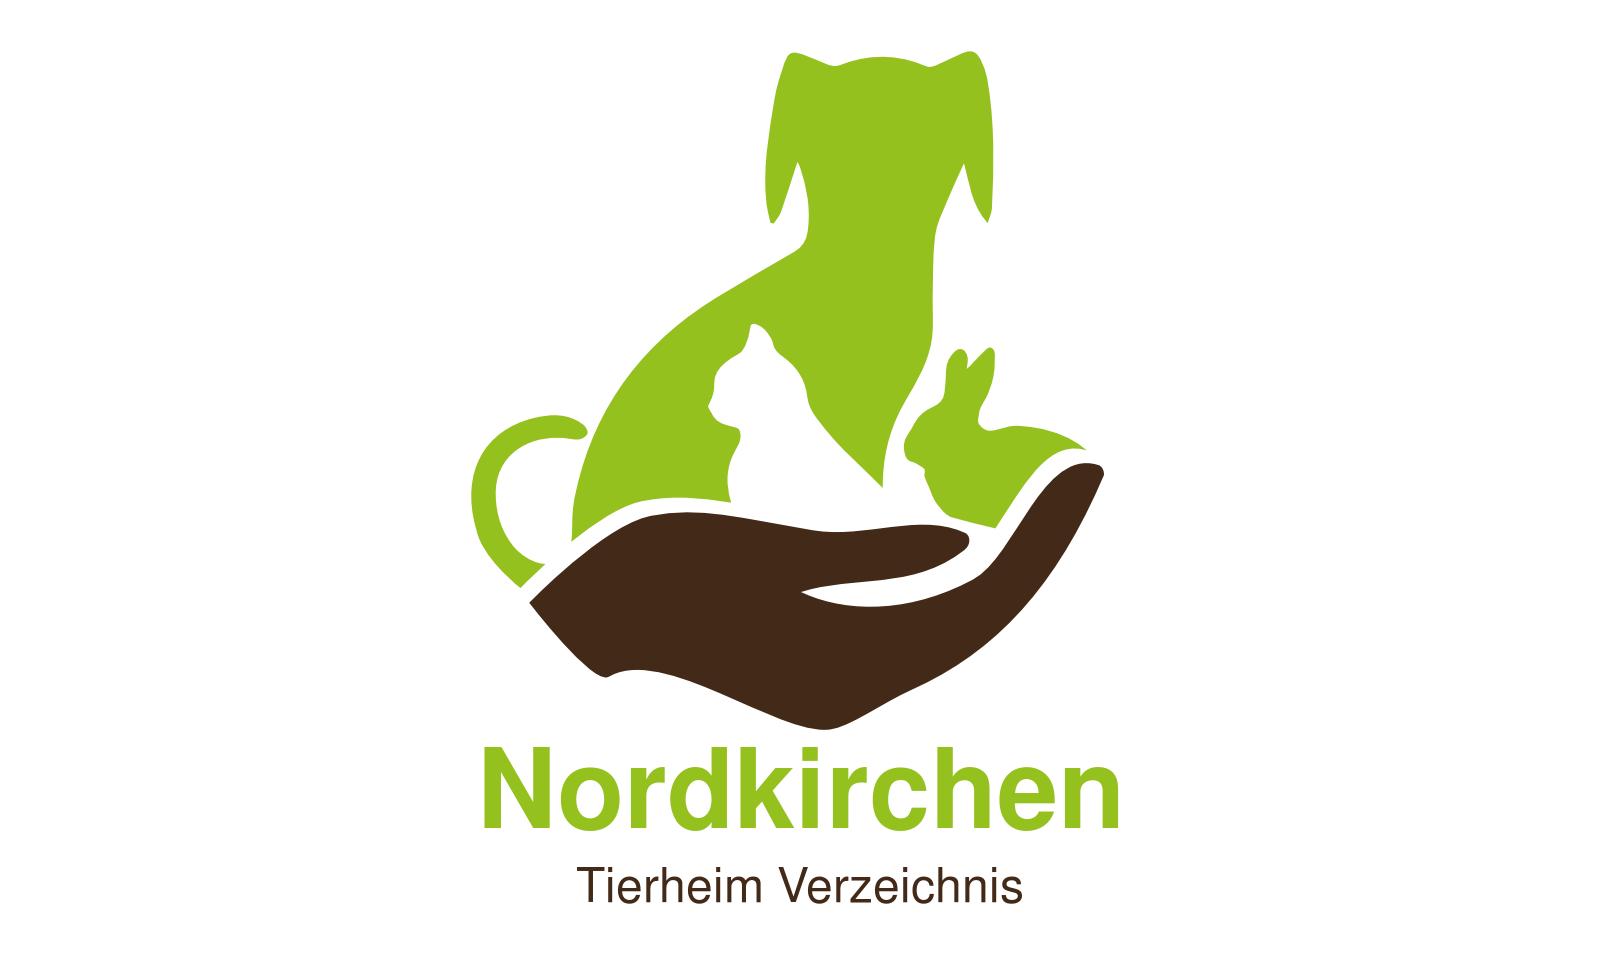 Tierheim Nordkirchen